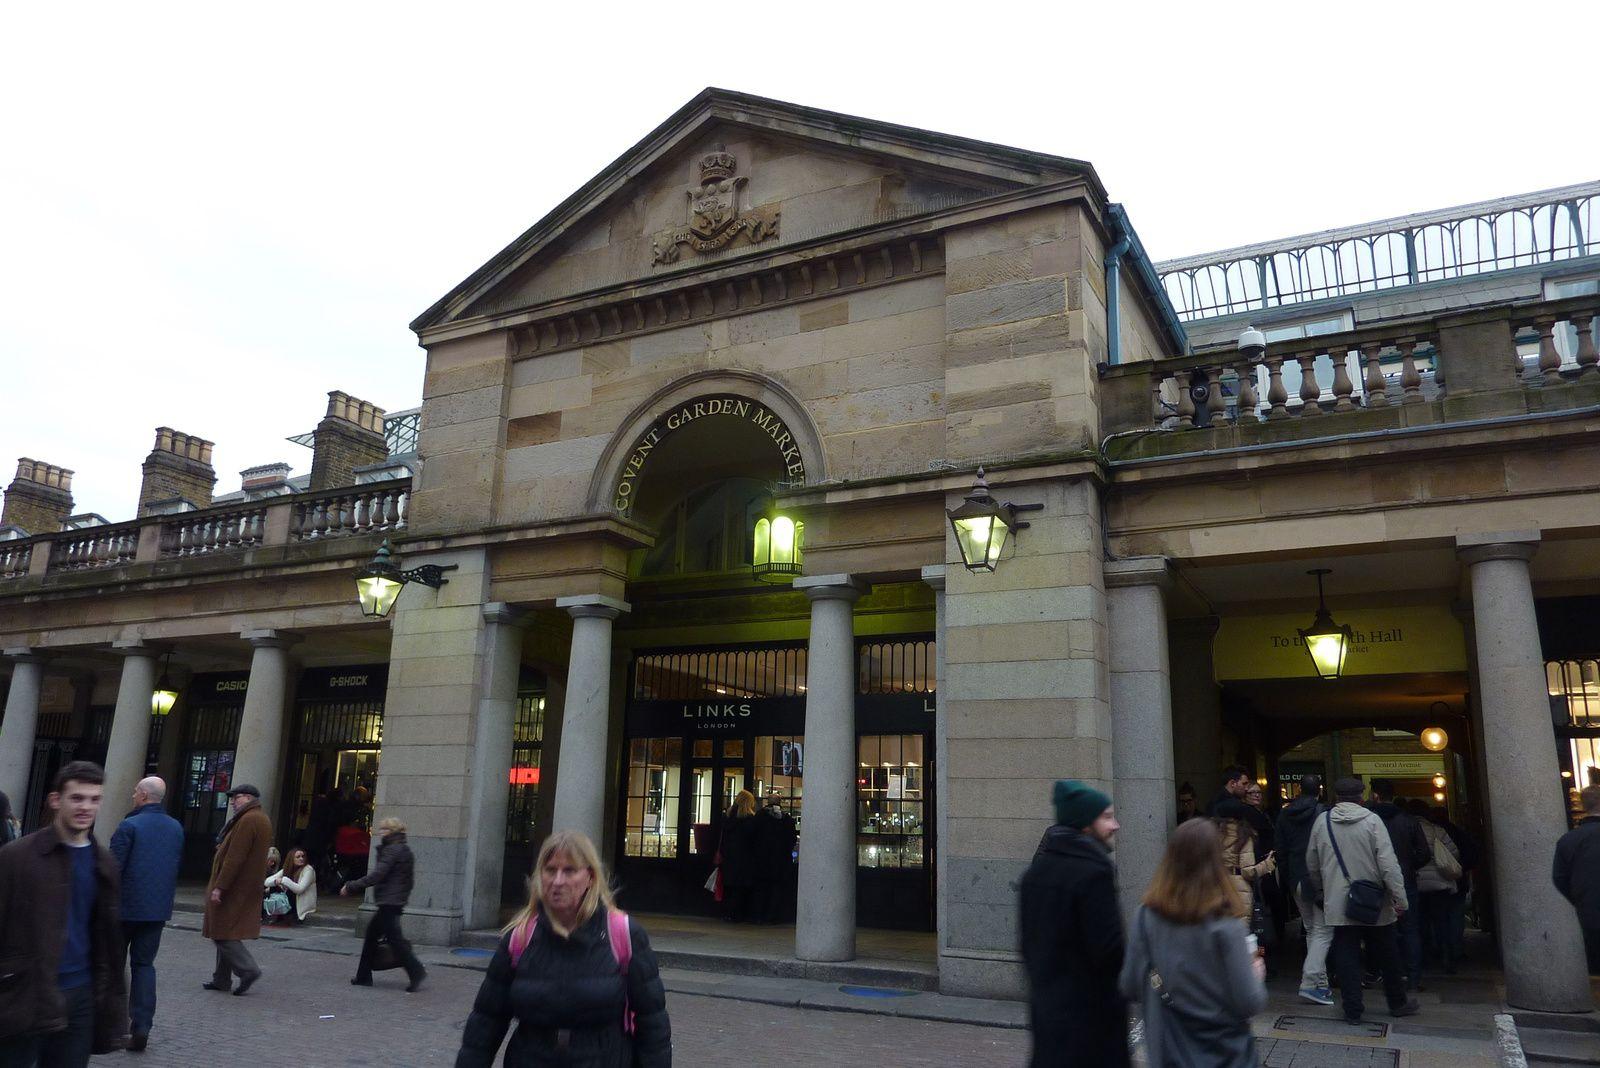 L'entrée de Covent Garden, un lieu très fréquenté et très agréable